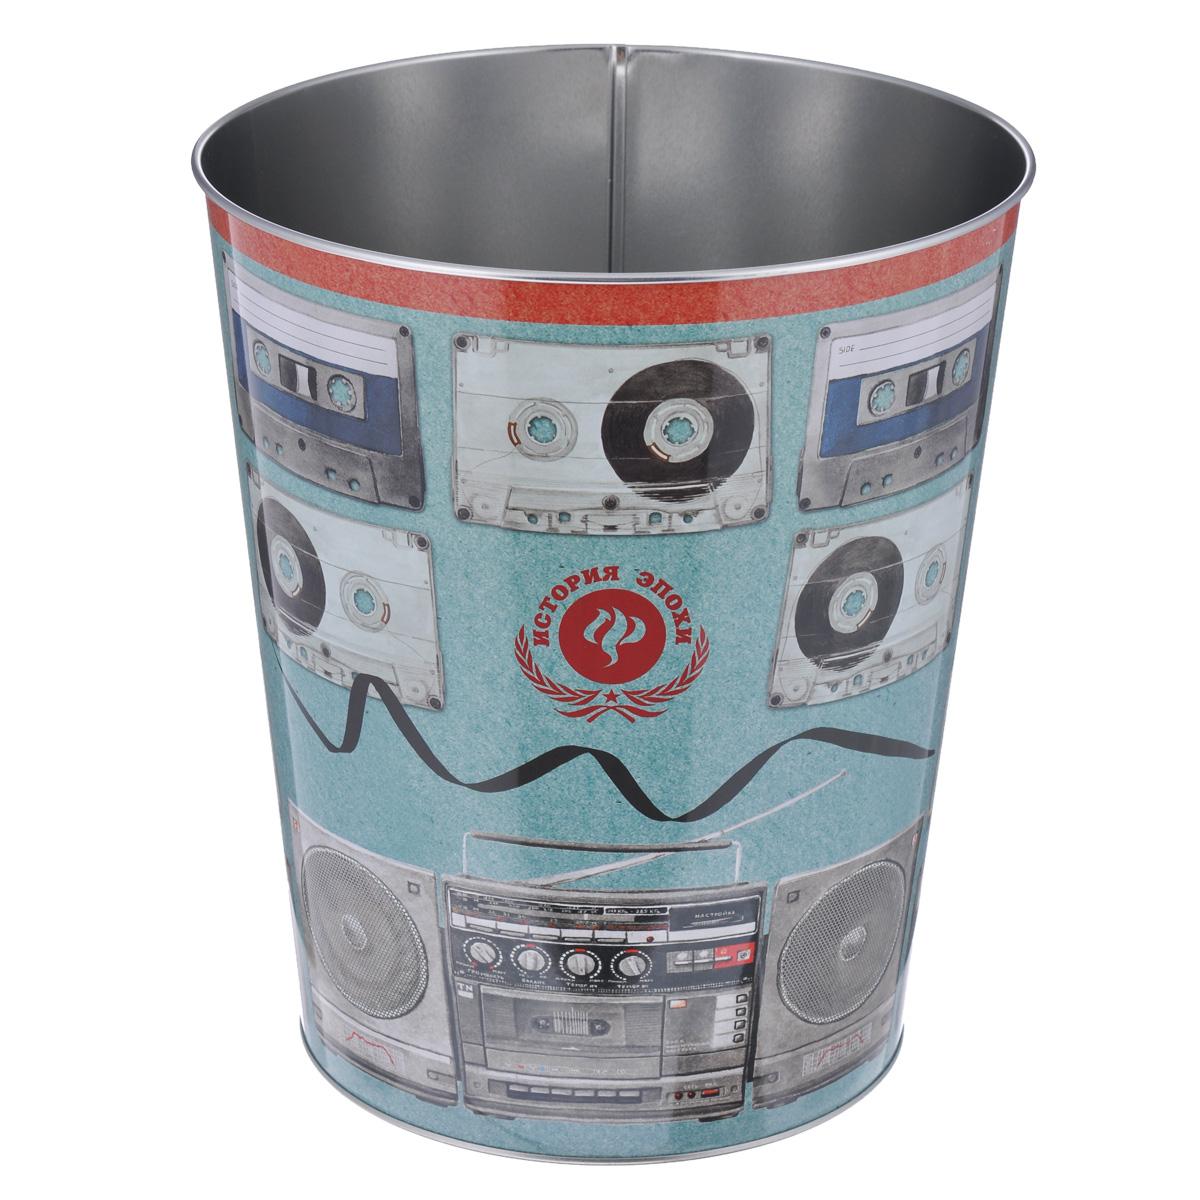 Ведро для мусора Феникс-презент Аудиокассеты1485060020002Ведро для мусора Феникс-презент Аудиокассеты изготовлено из металла с изображением старых аудиокассет. Такой аксессуар очень удобен в использовании, как дома, так и в офисе и прекрасно подойдет для уборки и хранения мусора.Диаметр ведра: 22,5 см. Высота ведра: 26,5 см.